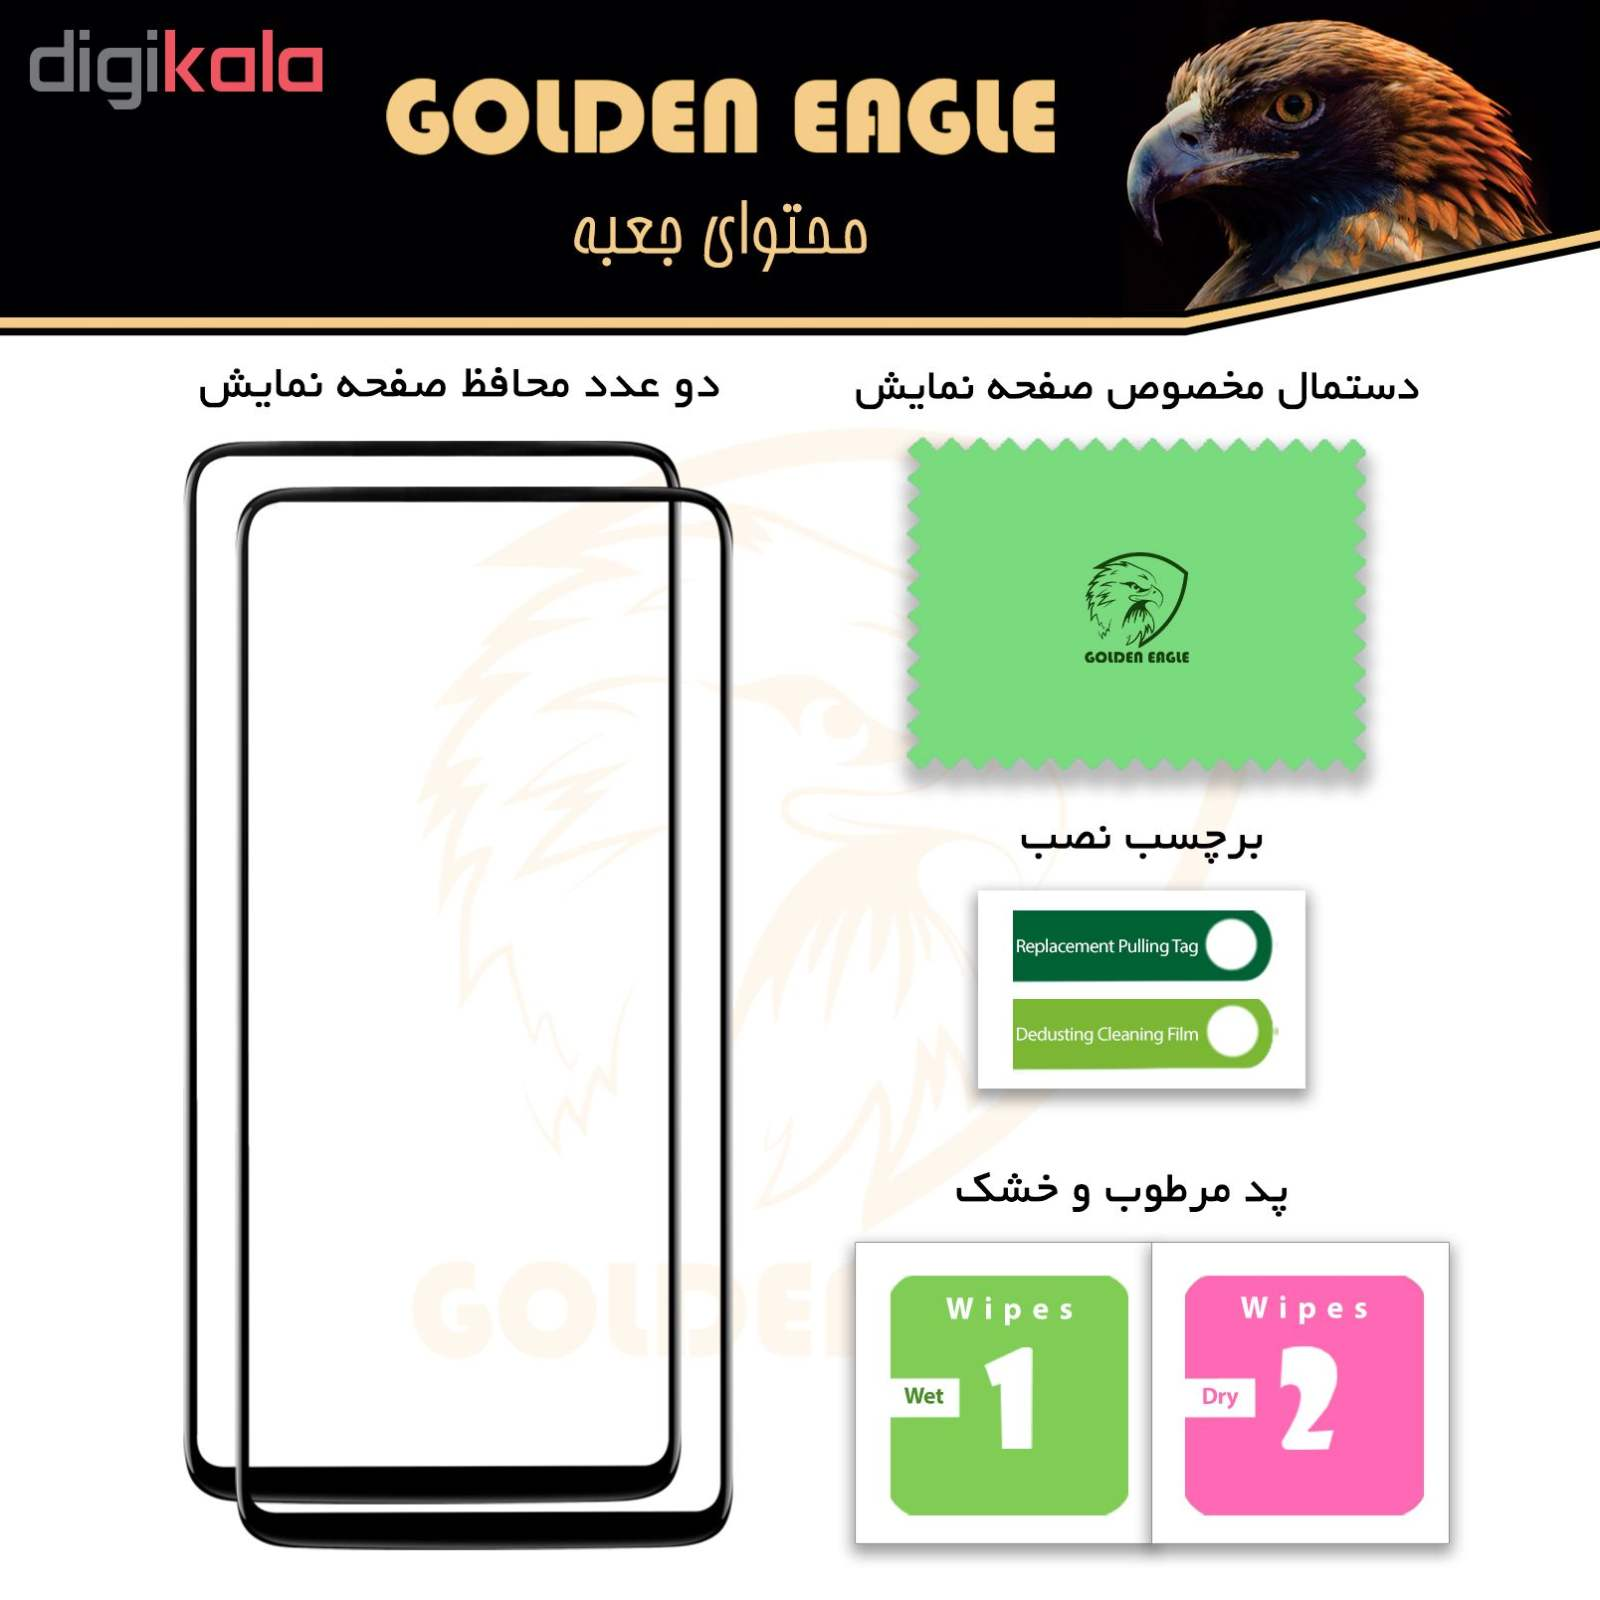 محافظ صفحه نمایش گلدن ایگل مدل HFC-X2 مناسب برای گوشی موبایل سامسونگ Galaxy S9 بسته دو عددی main 1 2